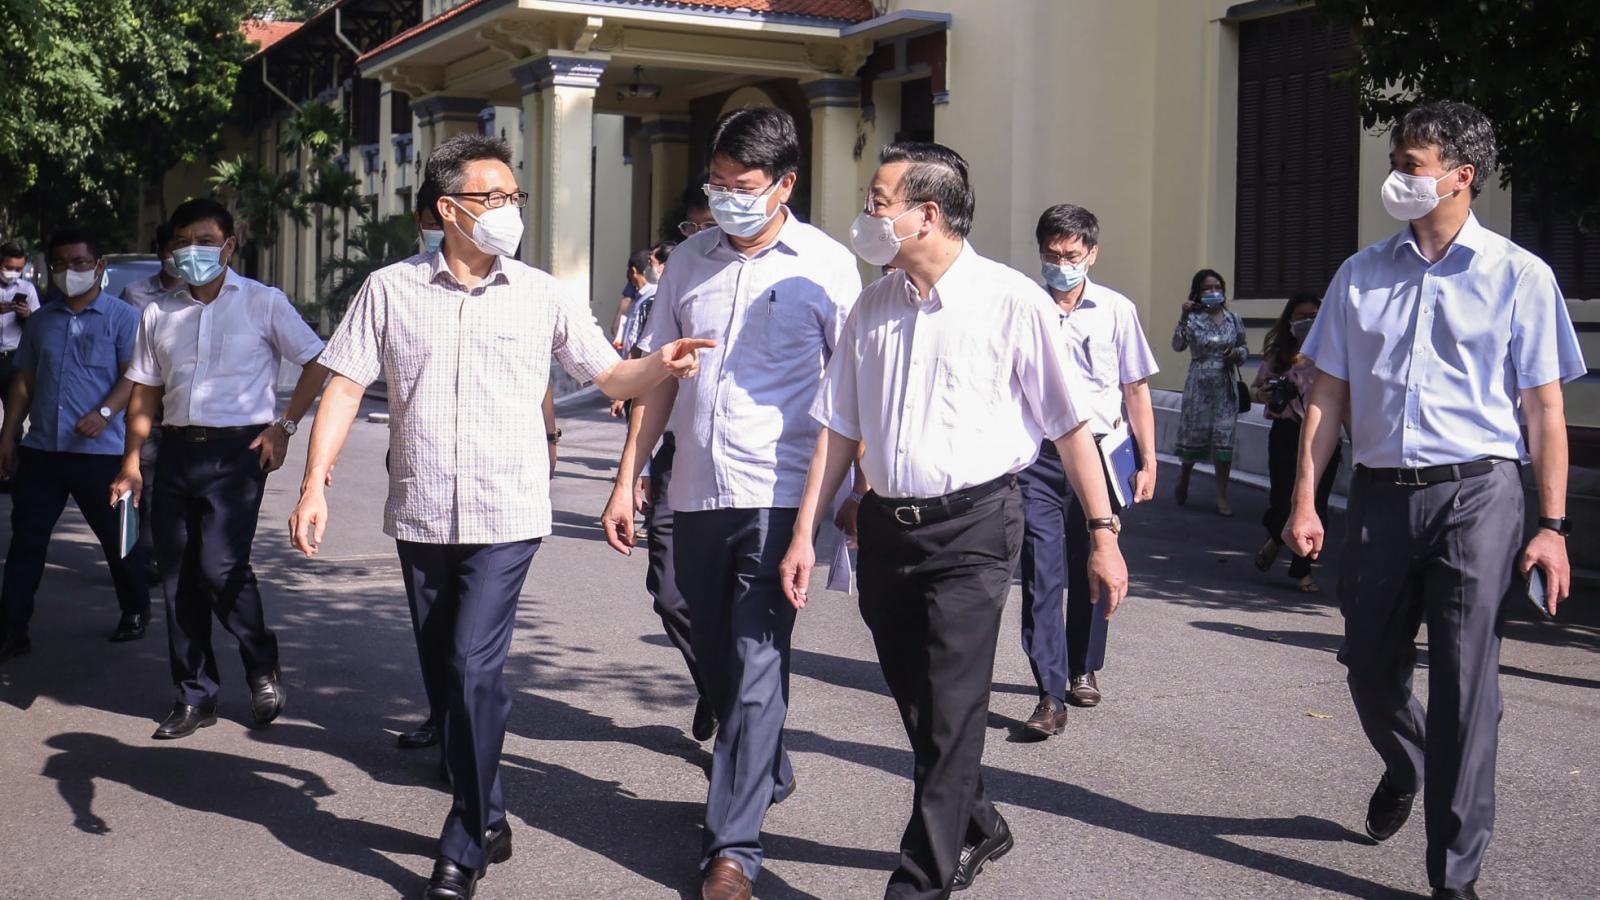 Phó Thủ tướng Vũ Đức Đam: Hà Nội thực hiện nghiêm Chỉ thị 16 là an toàn